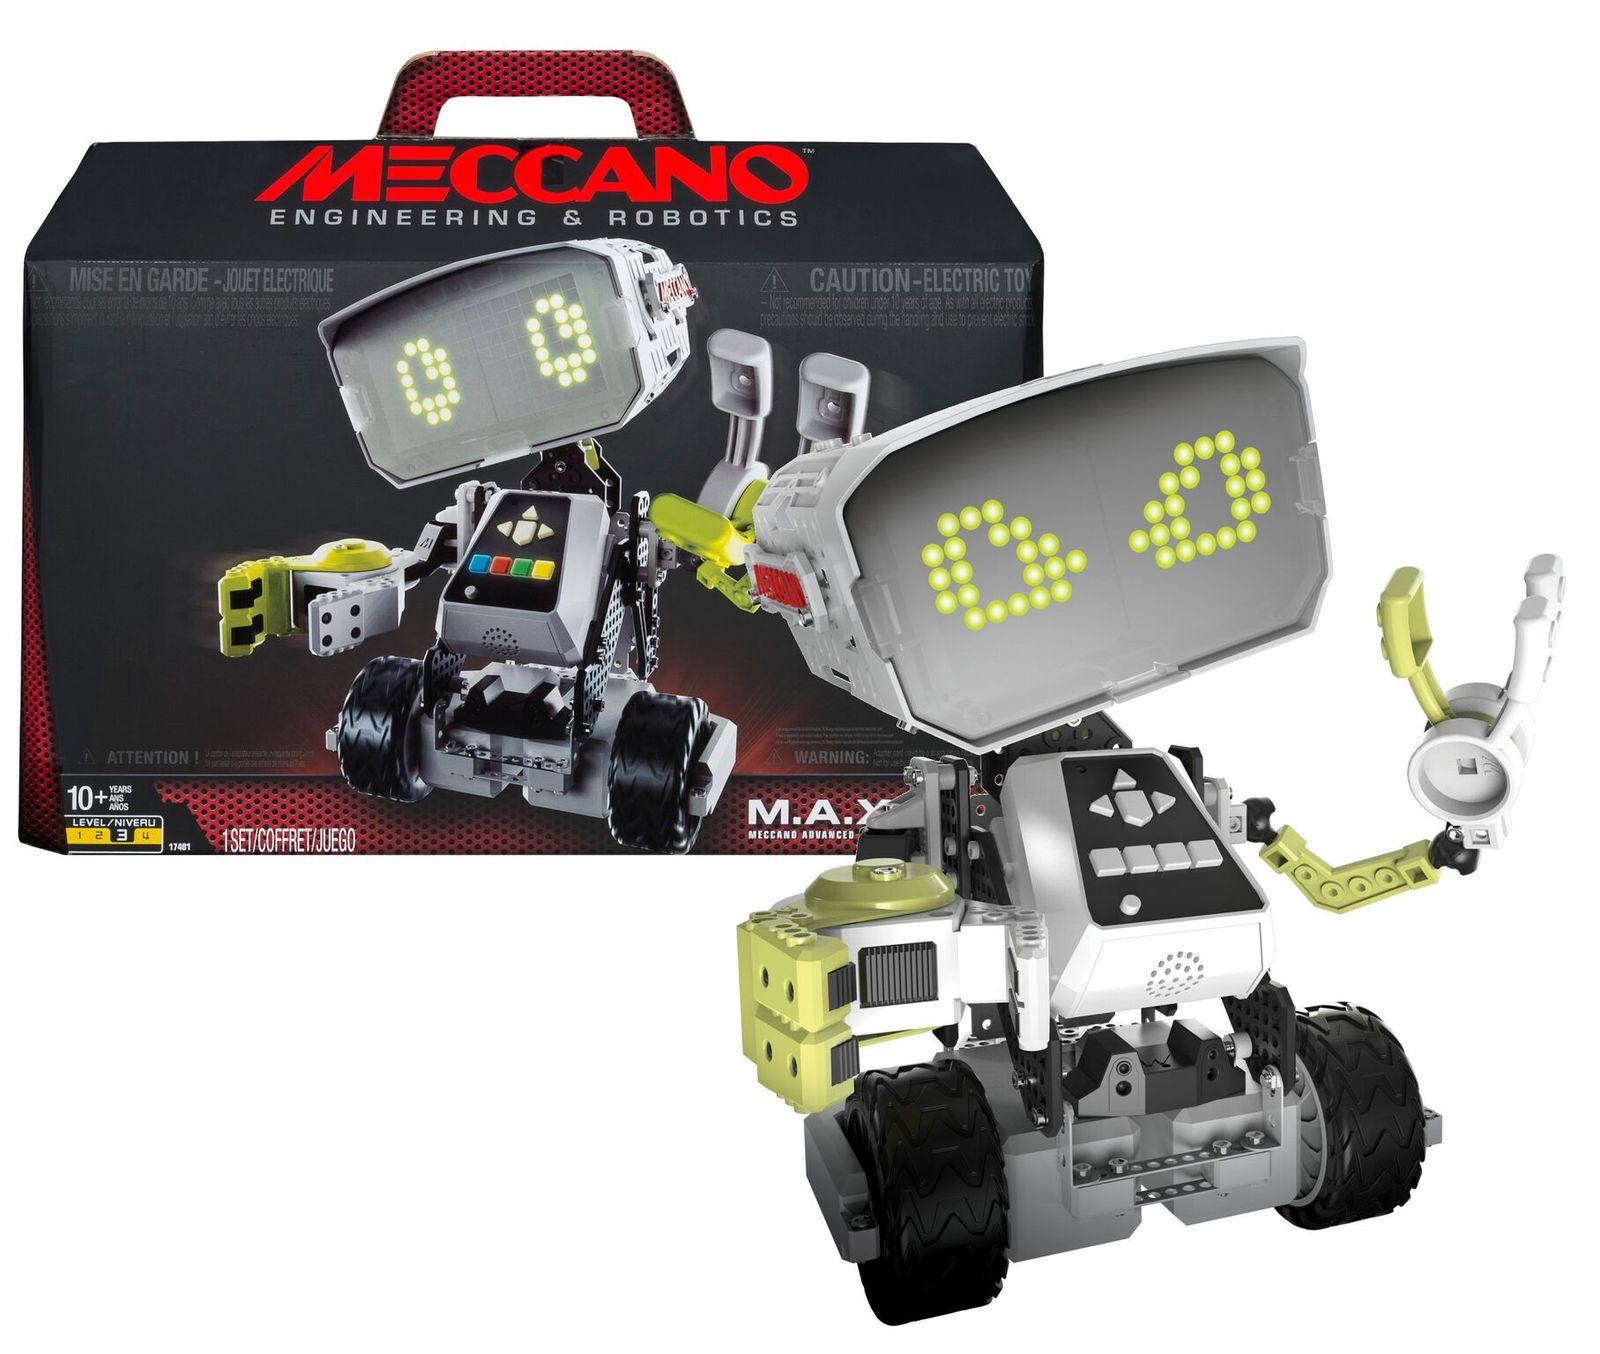 Meccano: M.A.X. Robot image